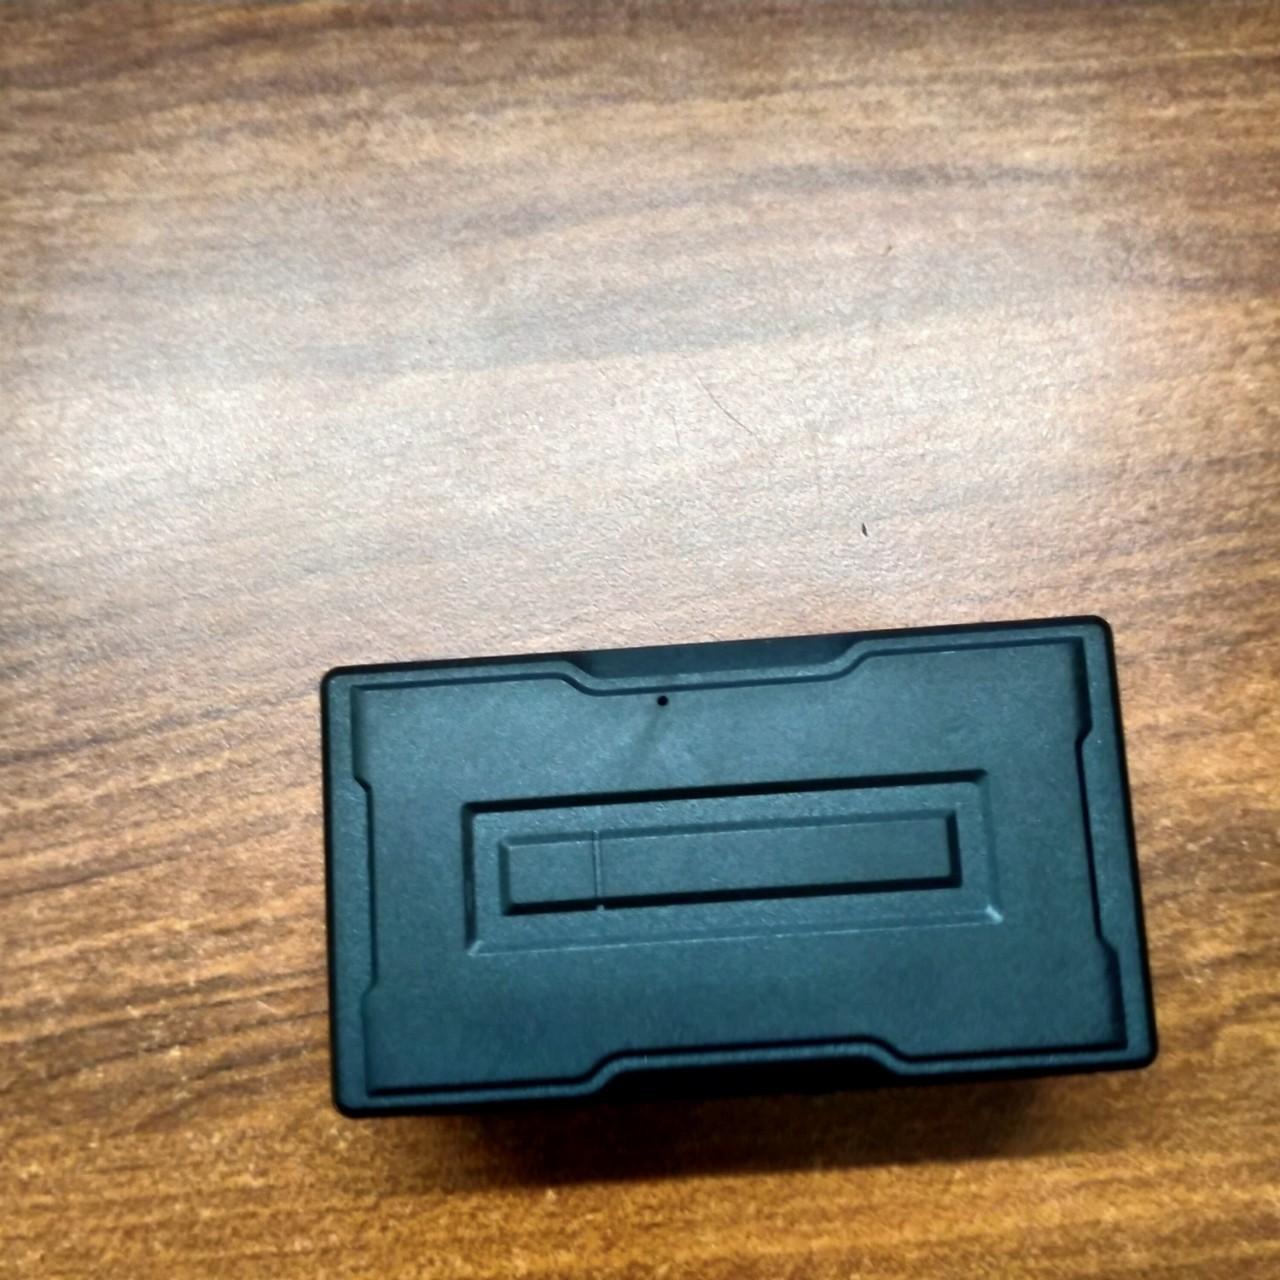 Thiết bị định vị GPS X9c Pin khủng 30 ngày